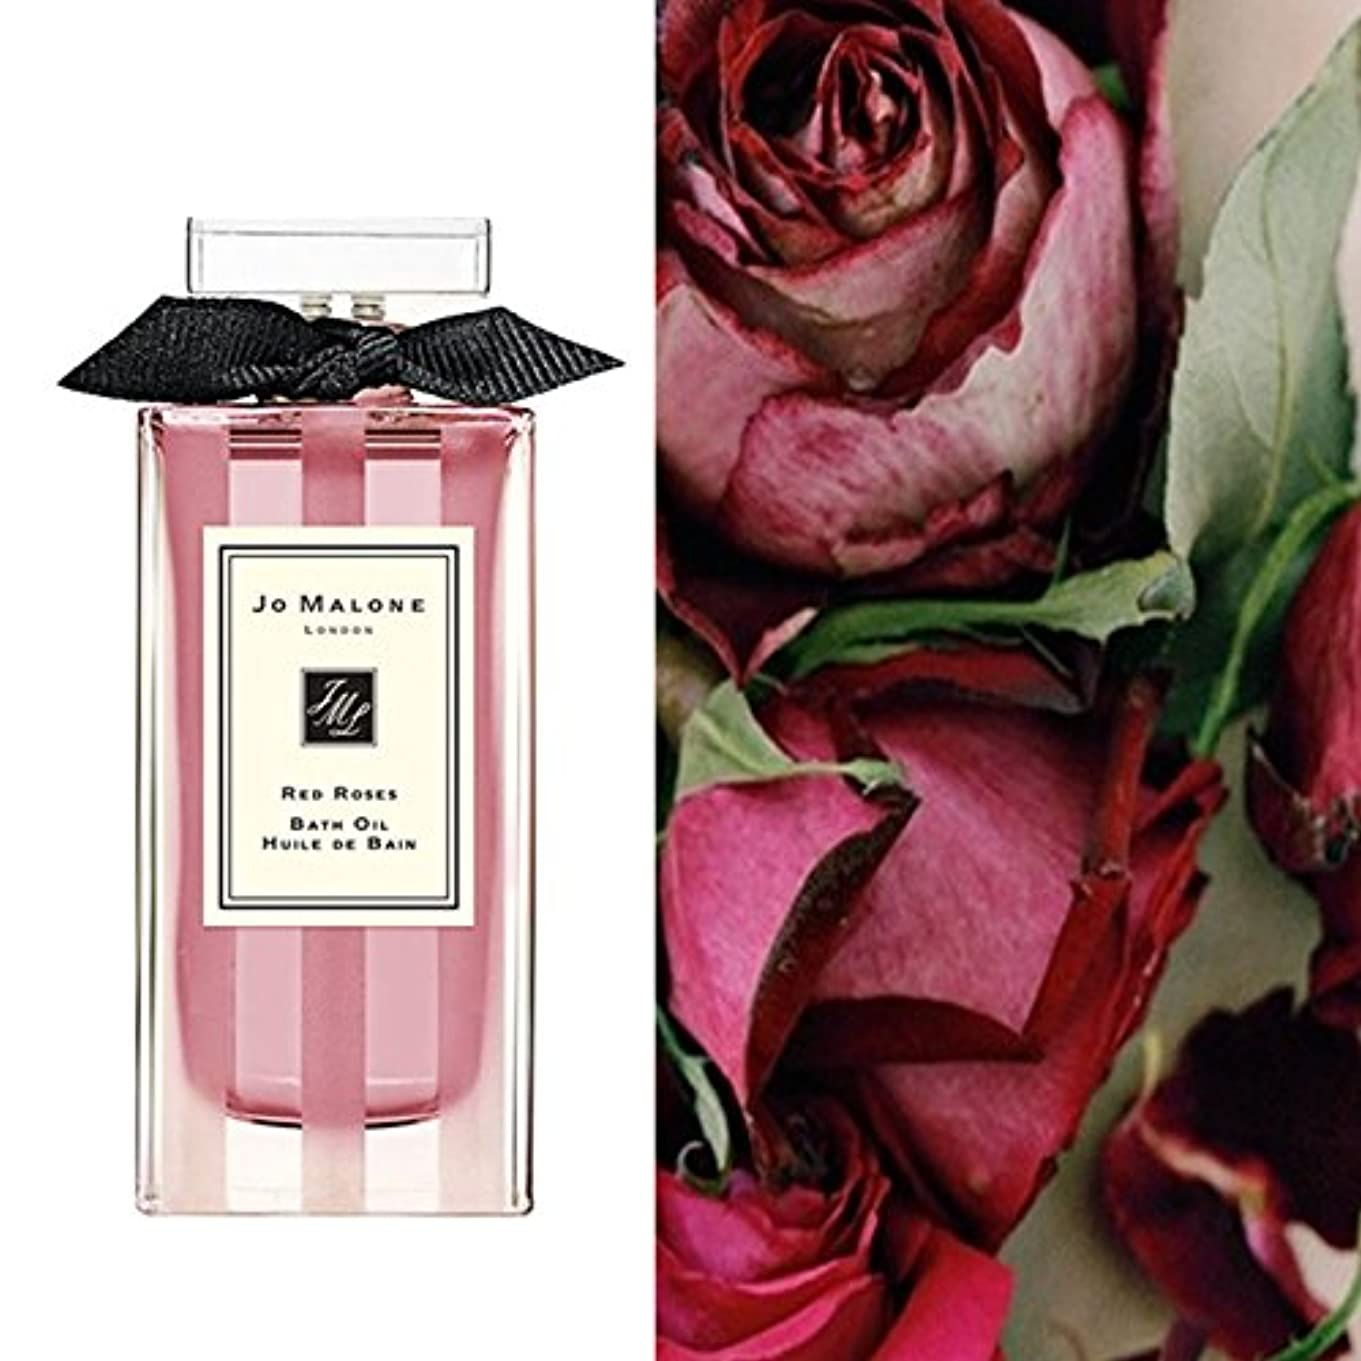 預言者打撃装備するJo Maloneジョーマローン, バスオイル - 赤いバラ (30ml) 'Red Roses' Bath Oil (1oz) [海外直送品] [並行輸入品]